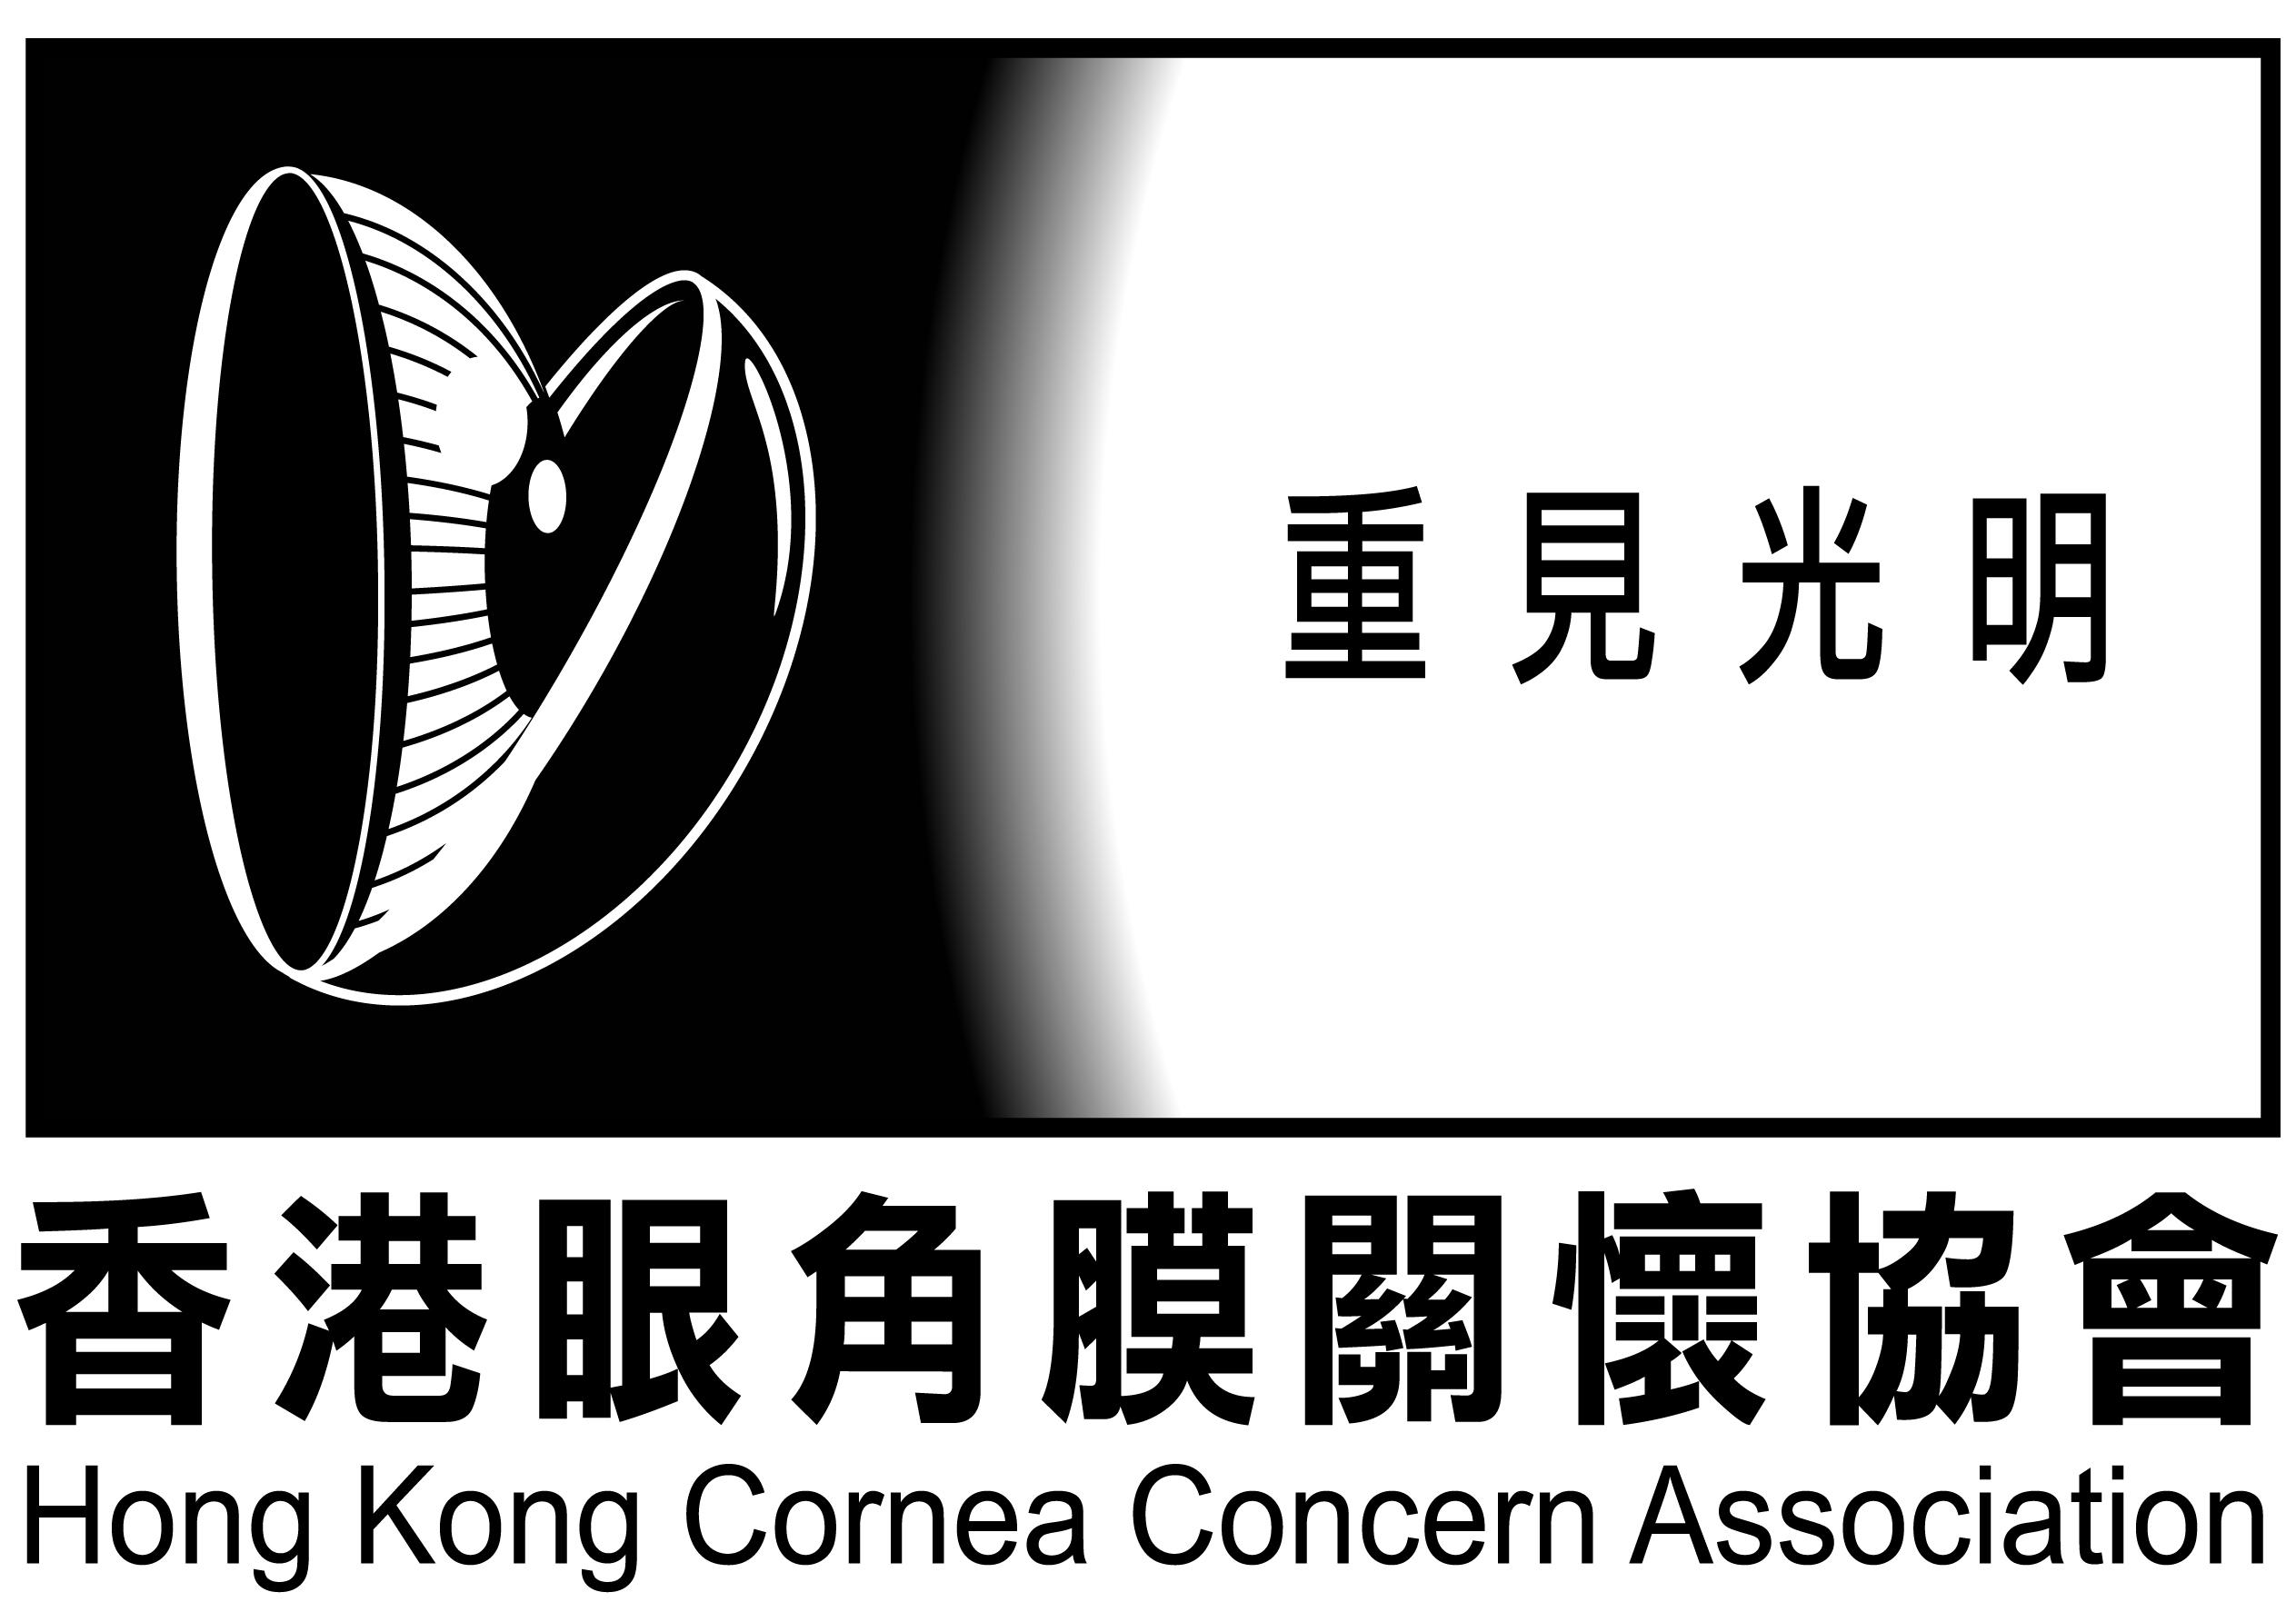 香港眼角膜關懷協會